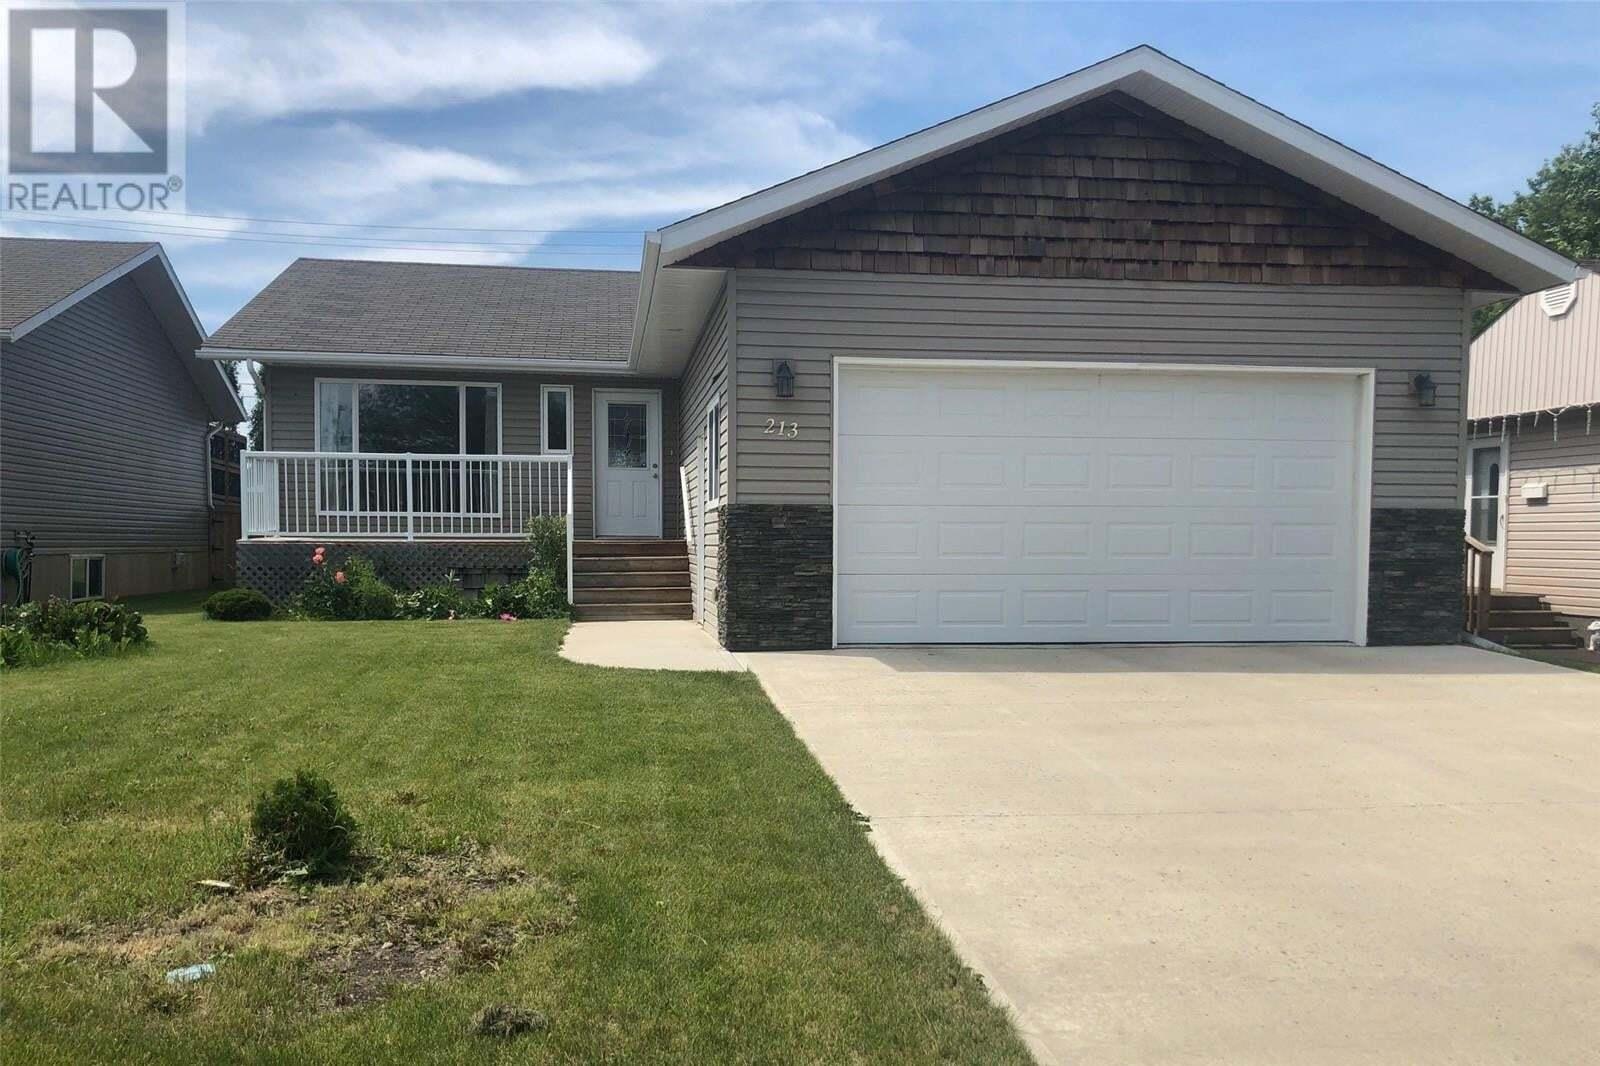 House for sale at 213 9th St Humboldt Saskatchewan - MLS: SK816985